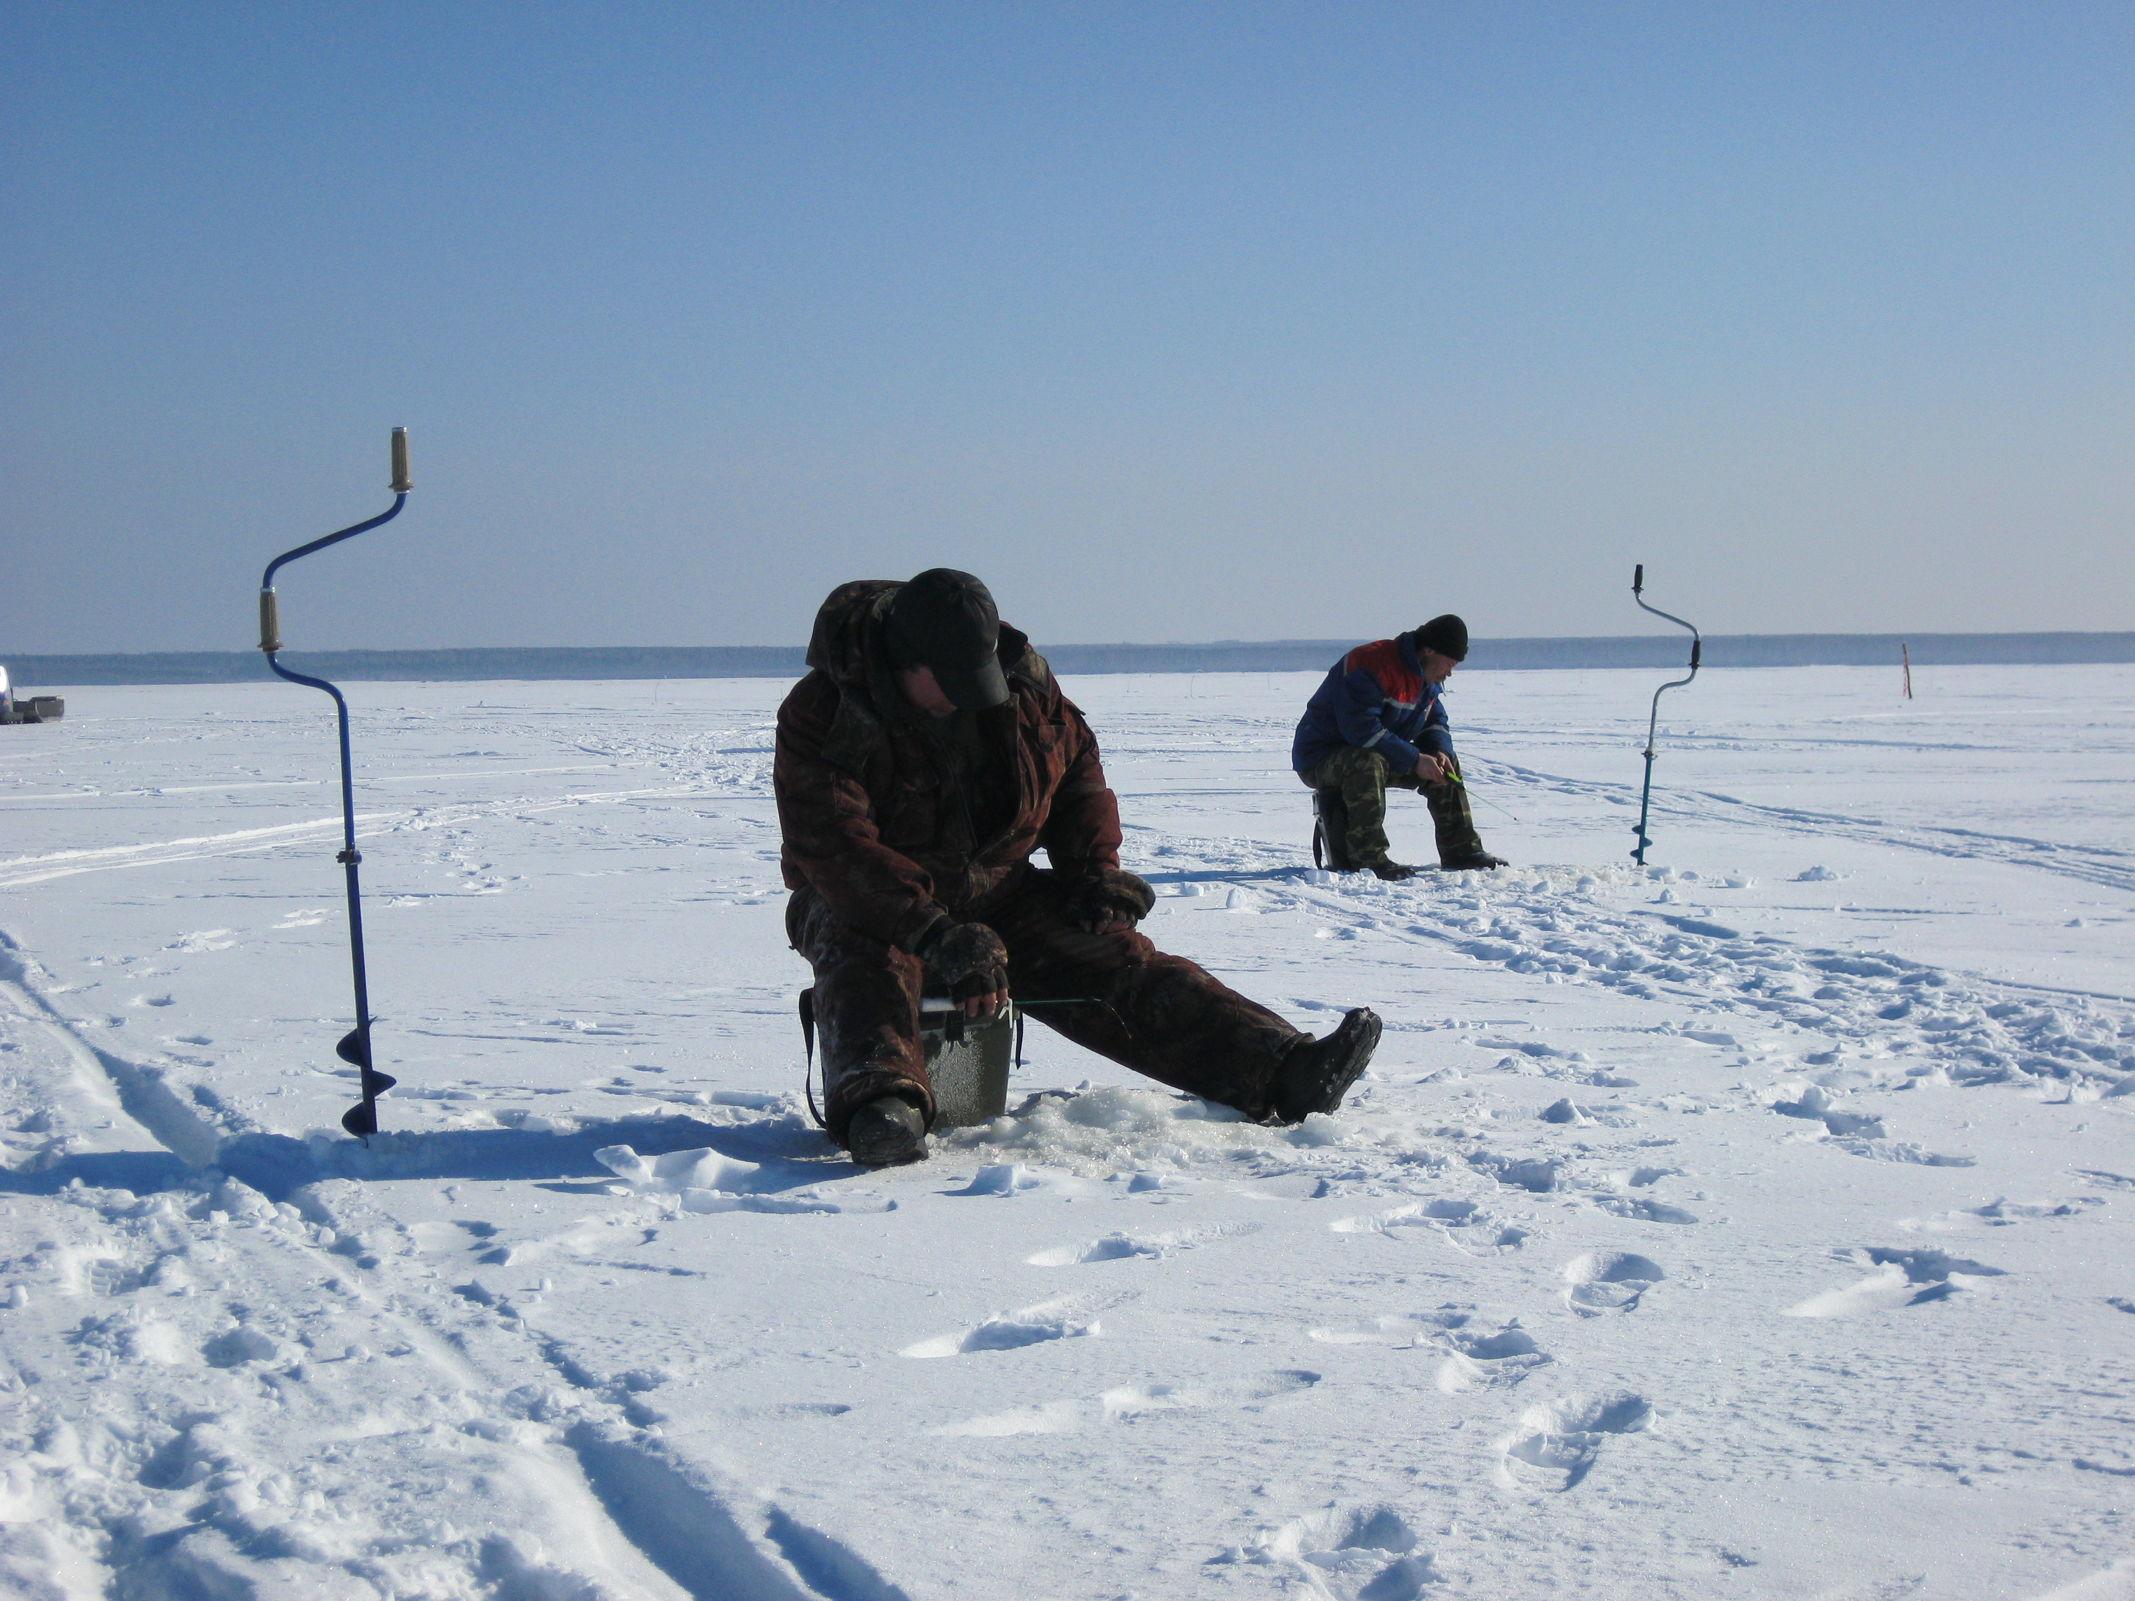 В Ярославской области открыта горячая линия для борьбы с незаконным ловом рыбы